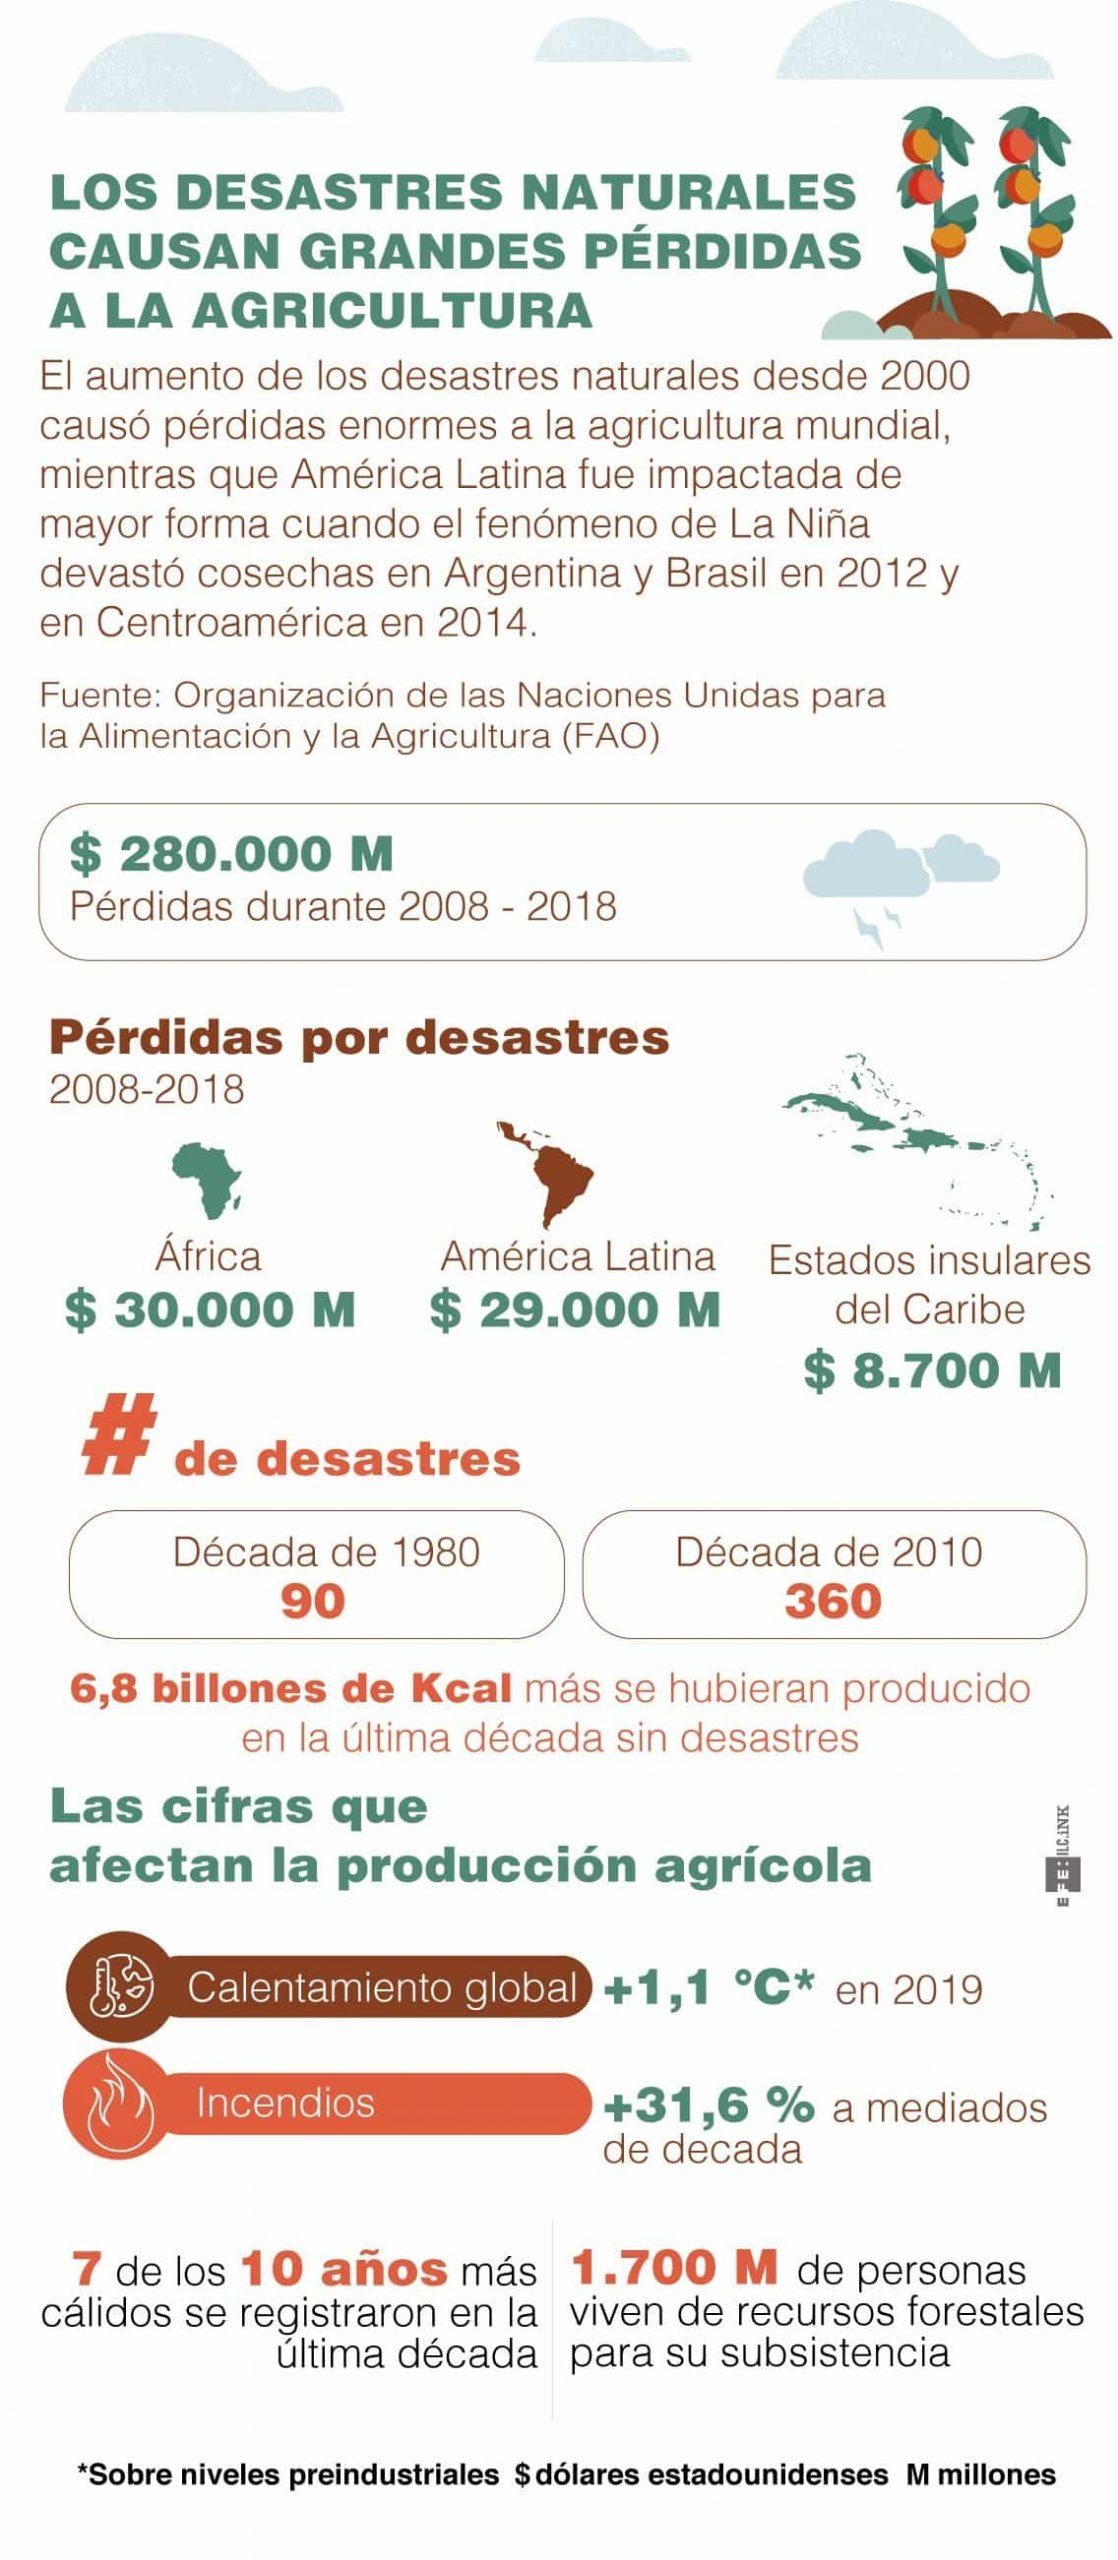 [Infografía] - La agricultura perdió 280.000 millones de dólares en una década, según la FAO 1